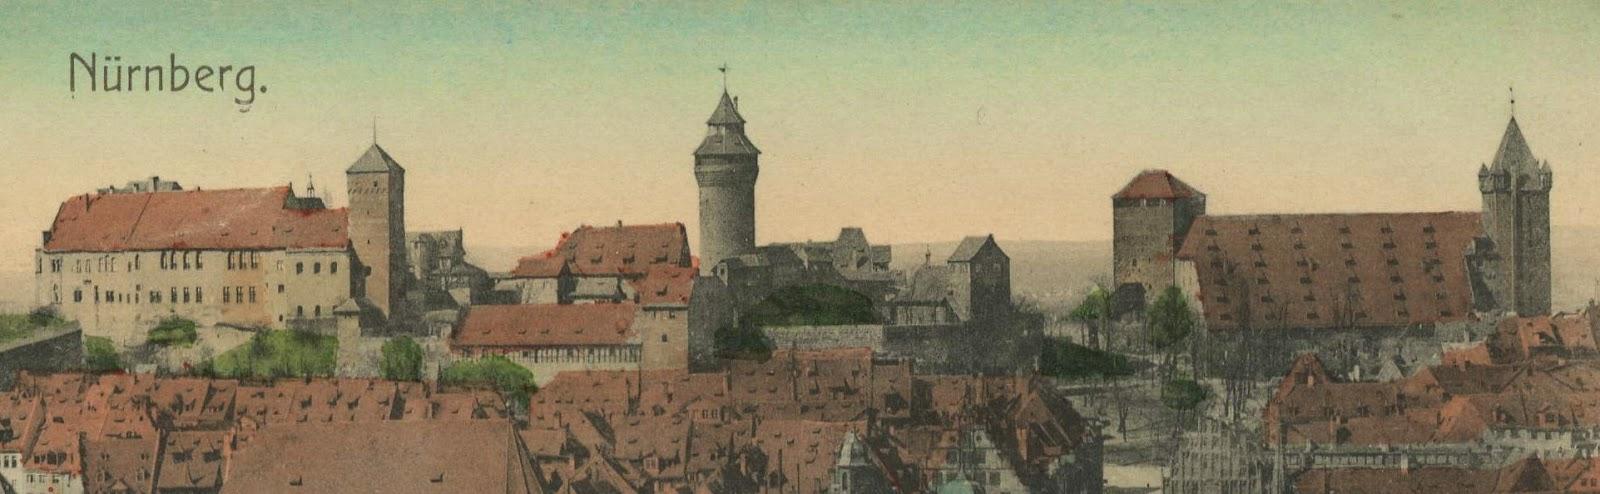 Nuernberg_Ansichtskarte_060_cropped